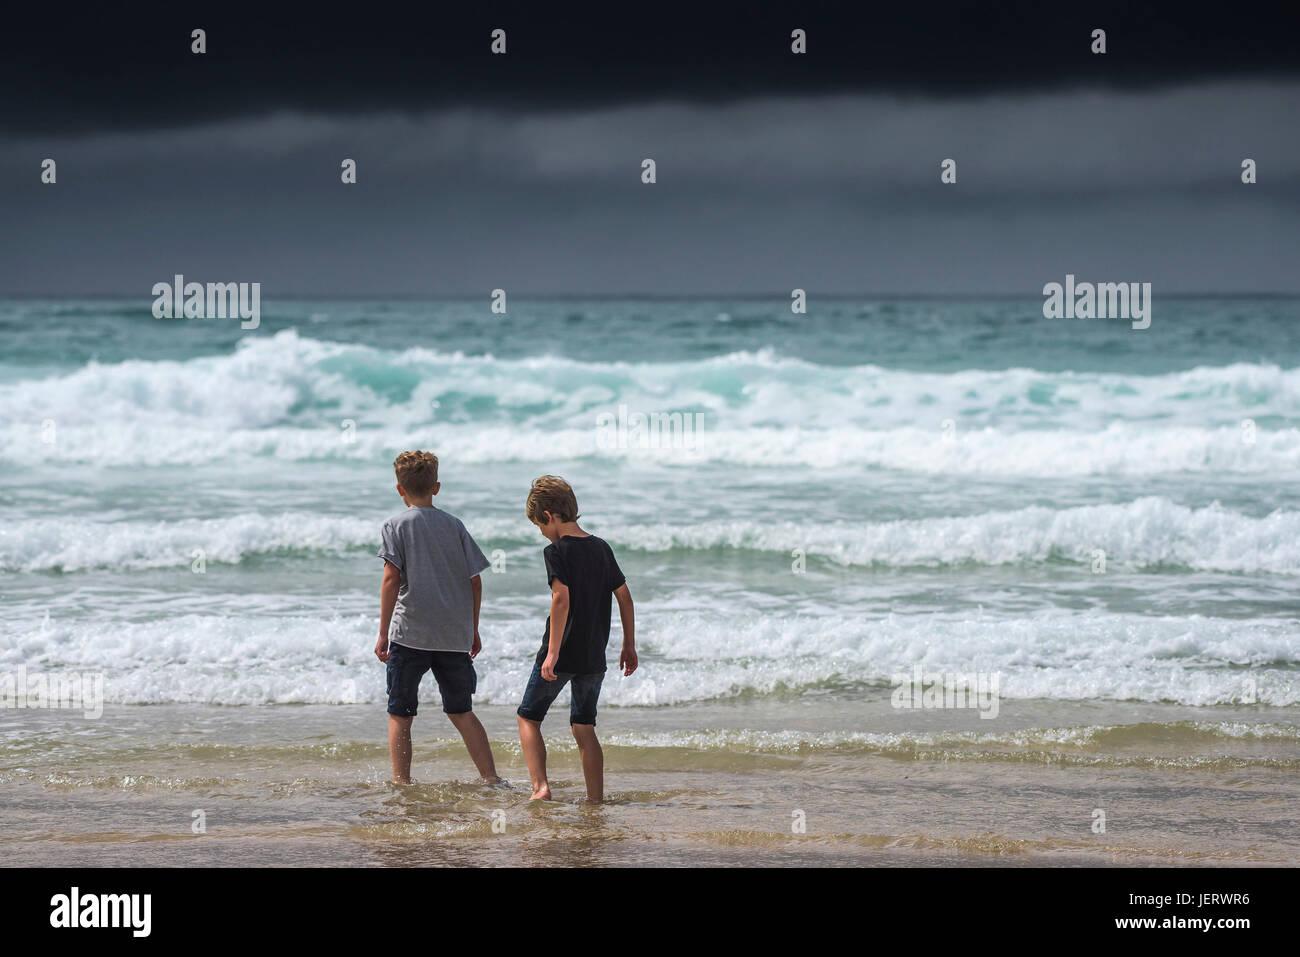 Dunkle Regenwolken Wolken als zwei junge Brüder Paddeln im Meer.  Wetter-UK. Stockfoto